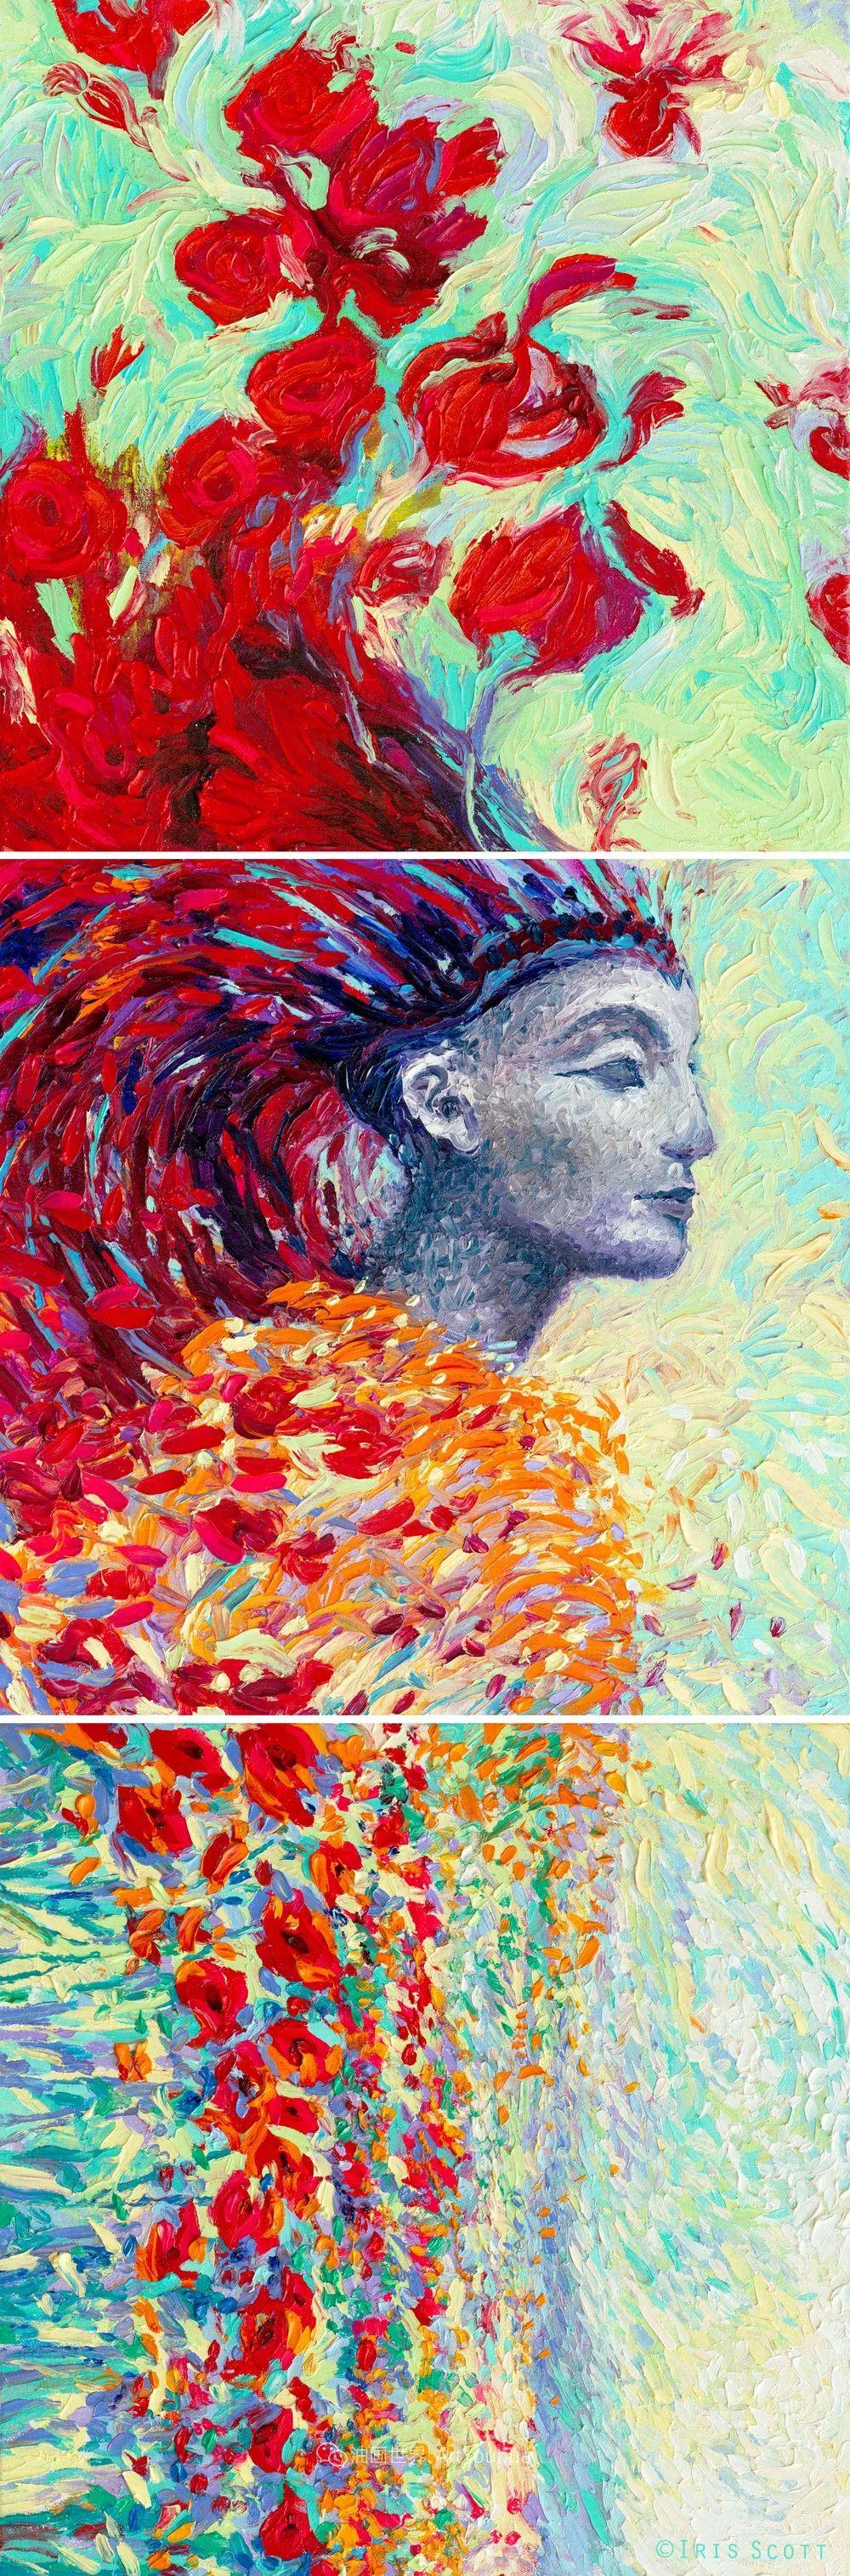 用颜料触摸这个世界!美国画家Iris Scott画选(下)——人物街景篇插图37